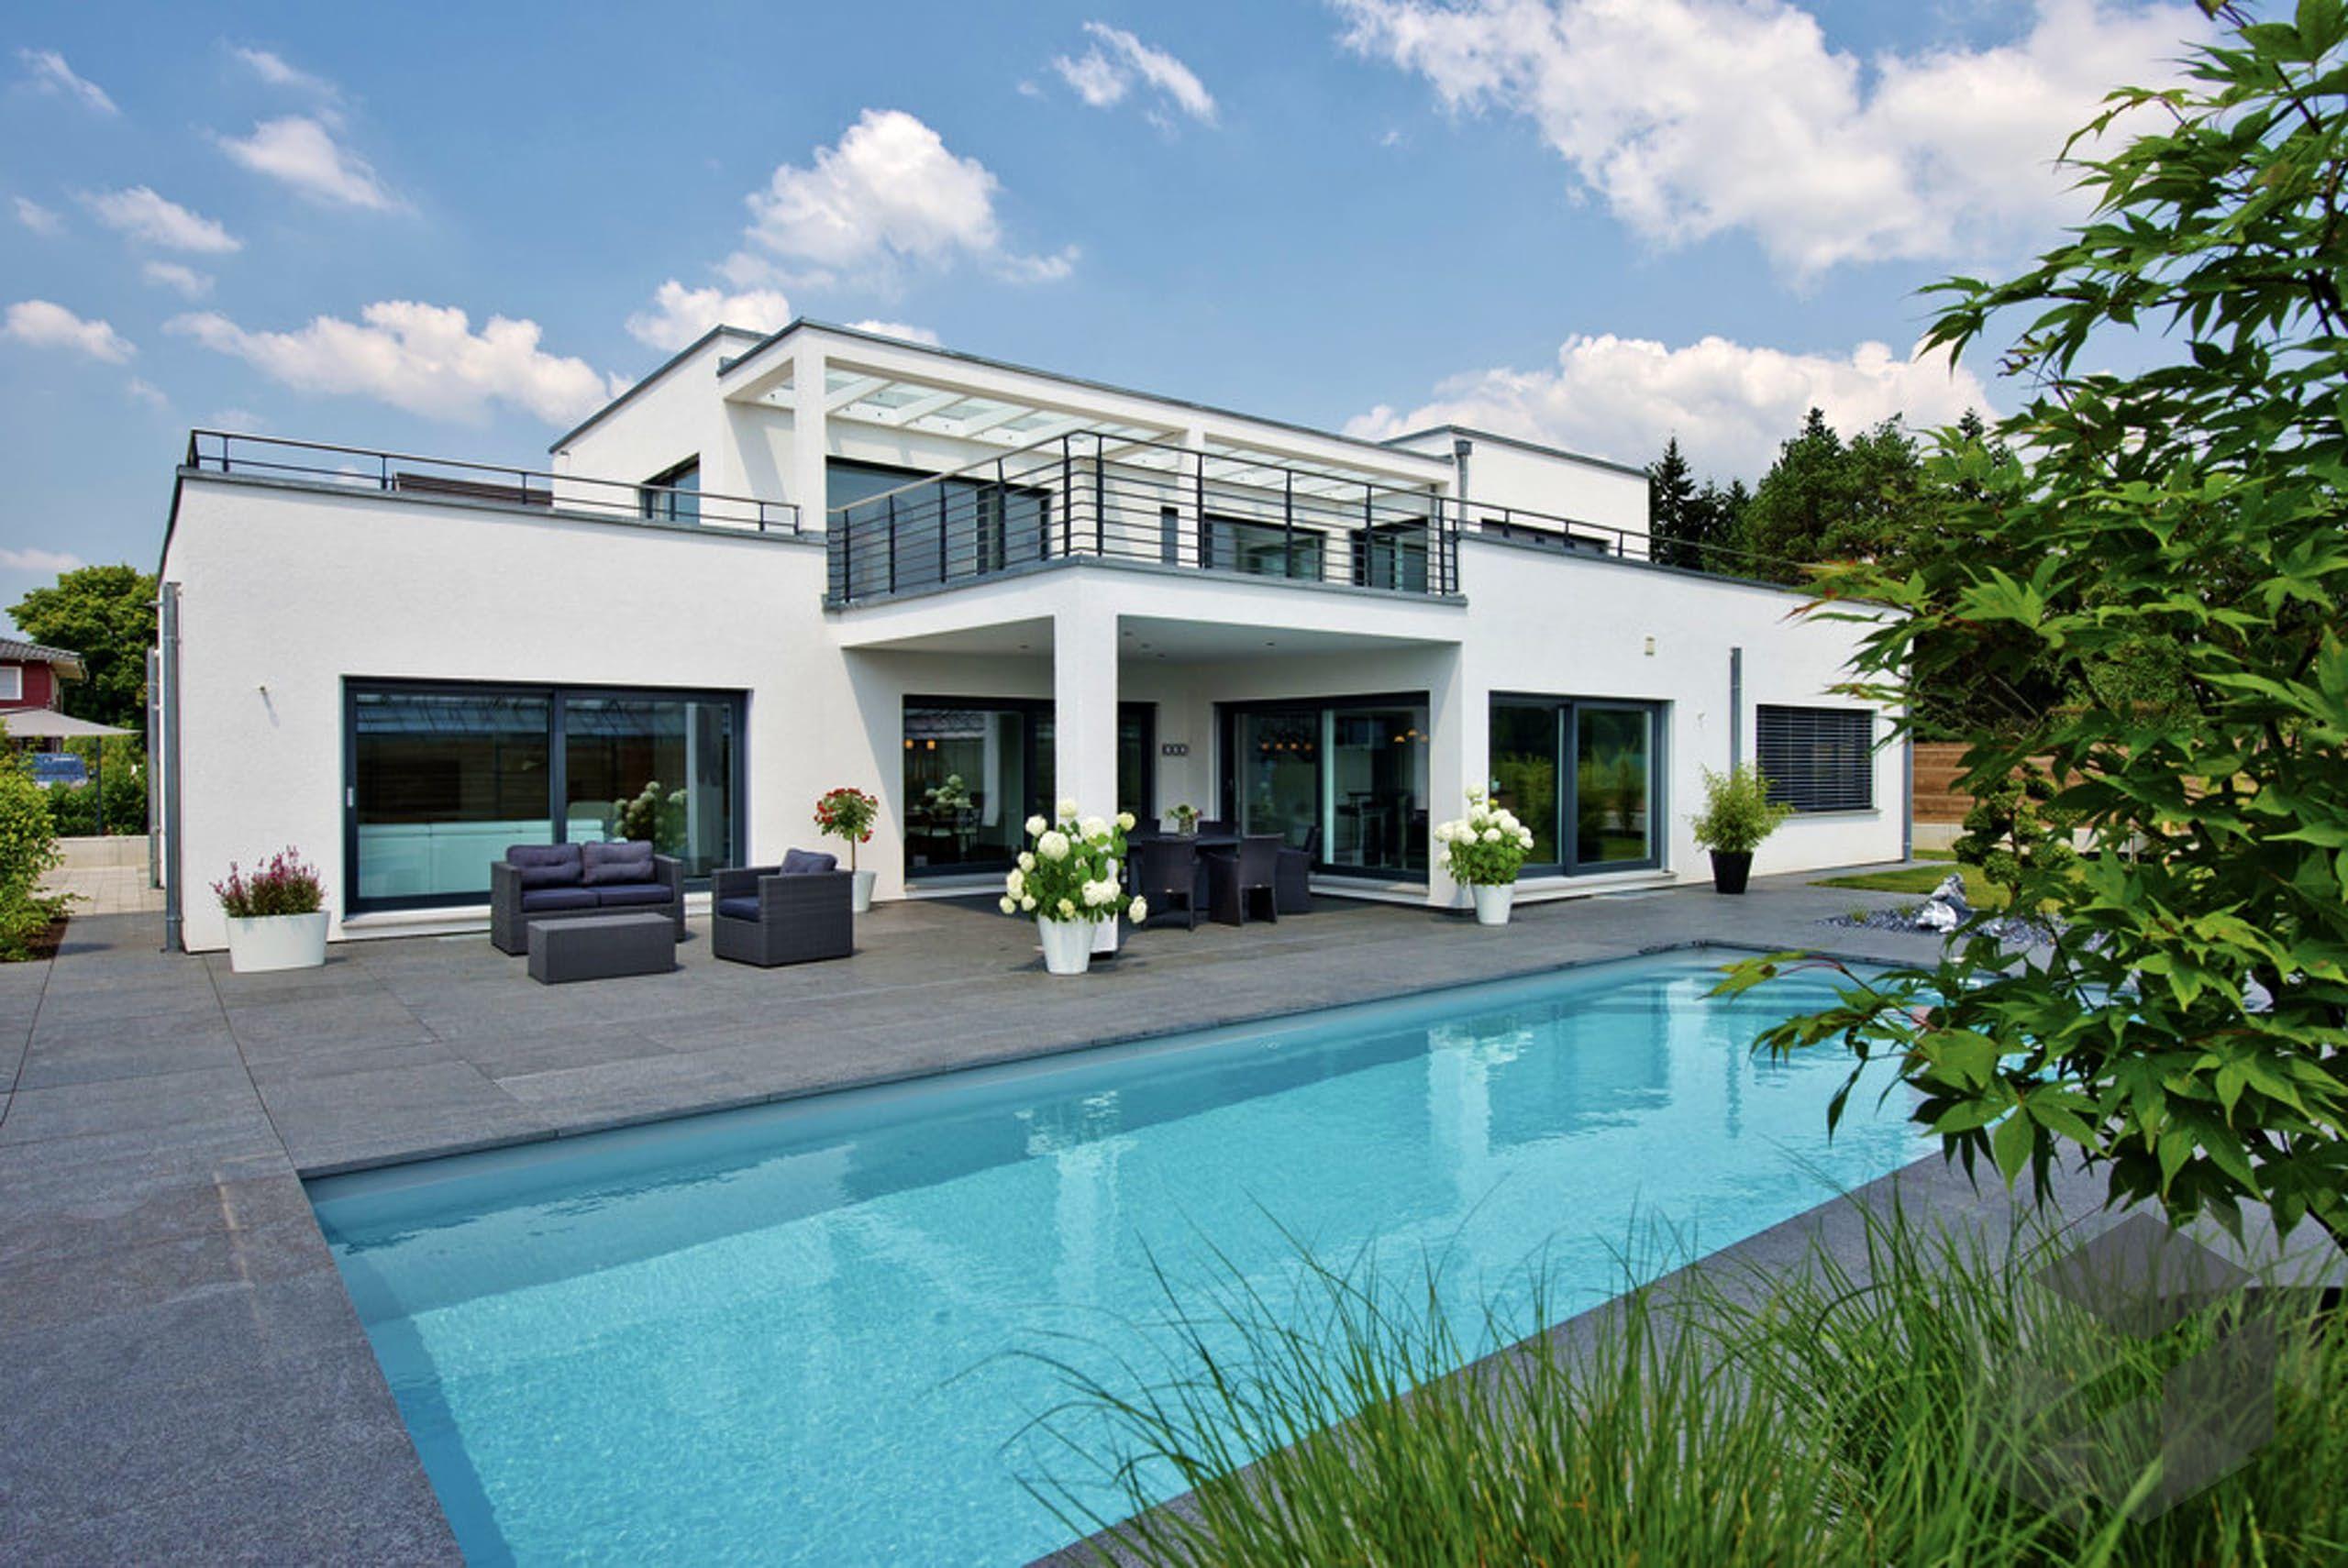 Kubushuas Mit Pool Von Weberhaus Alle Infos Zum Haus Mit Einem